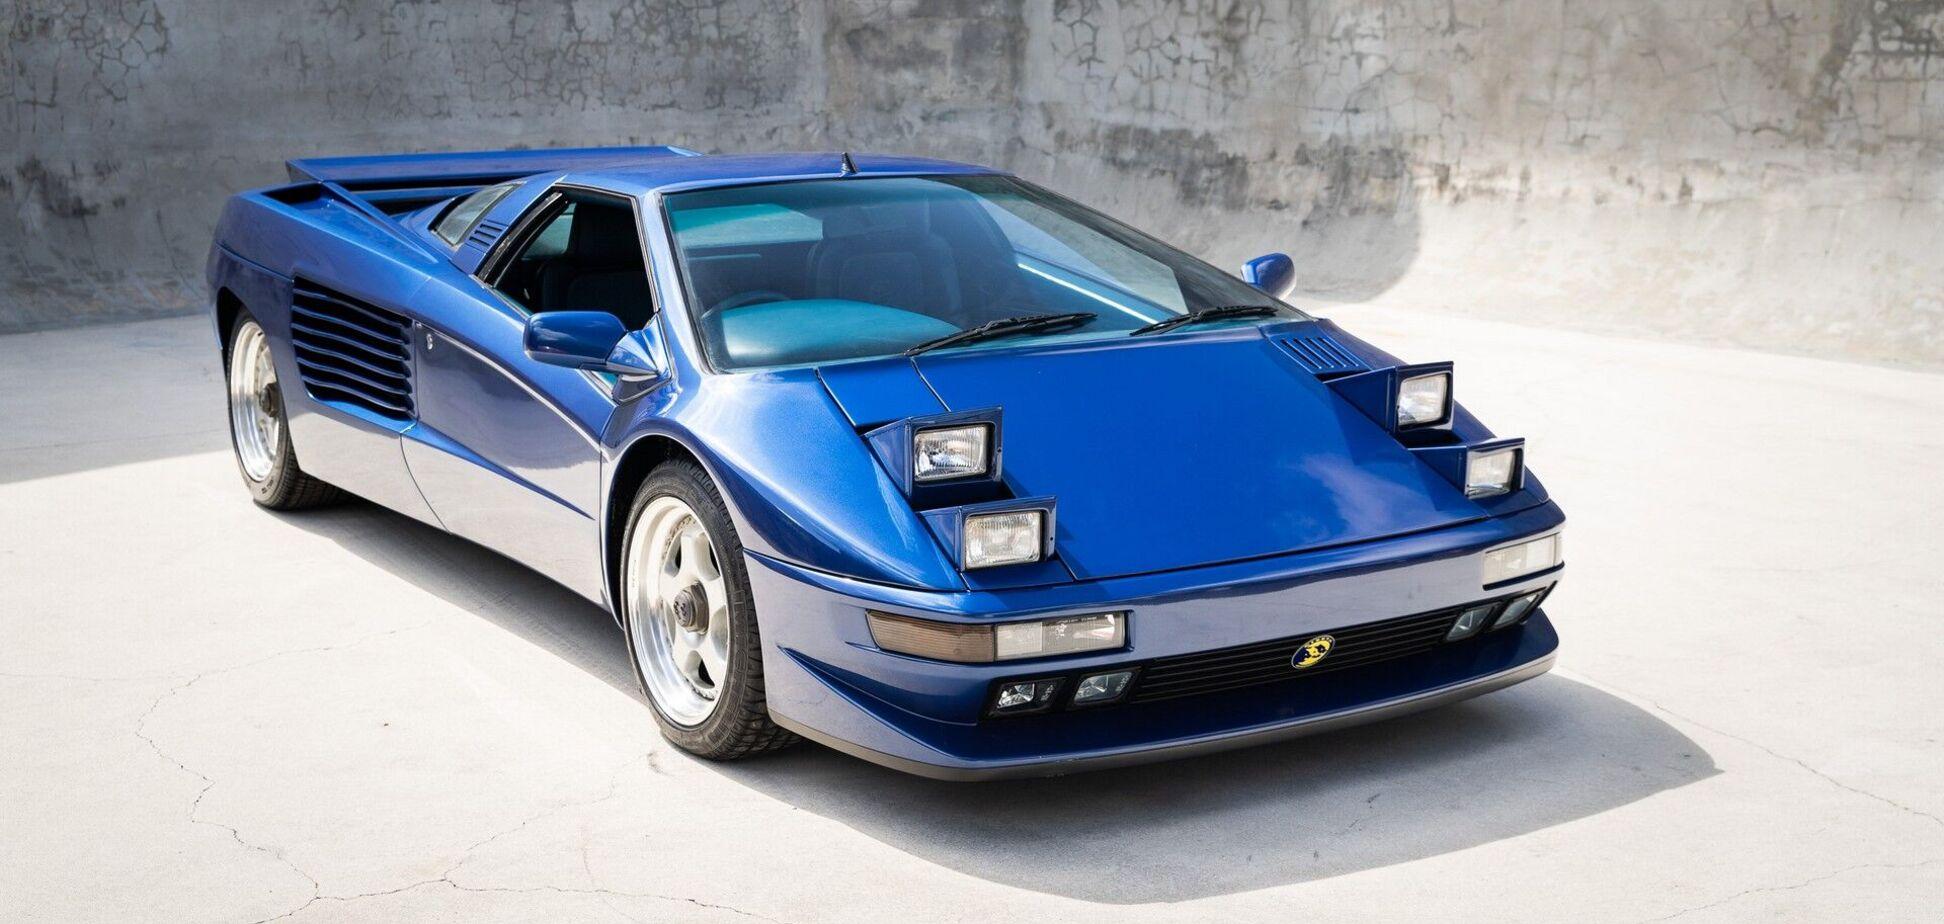 Рідкісний спорткар з колекції султана Брунею виставили на продаж